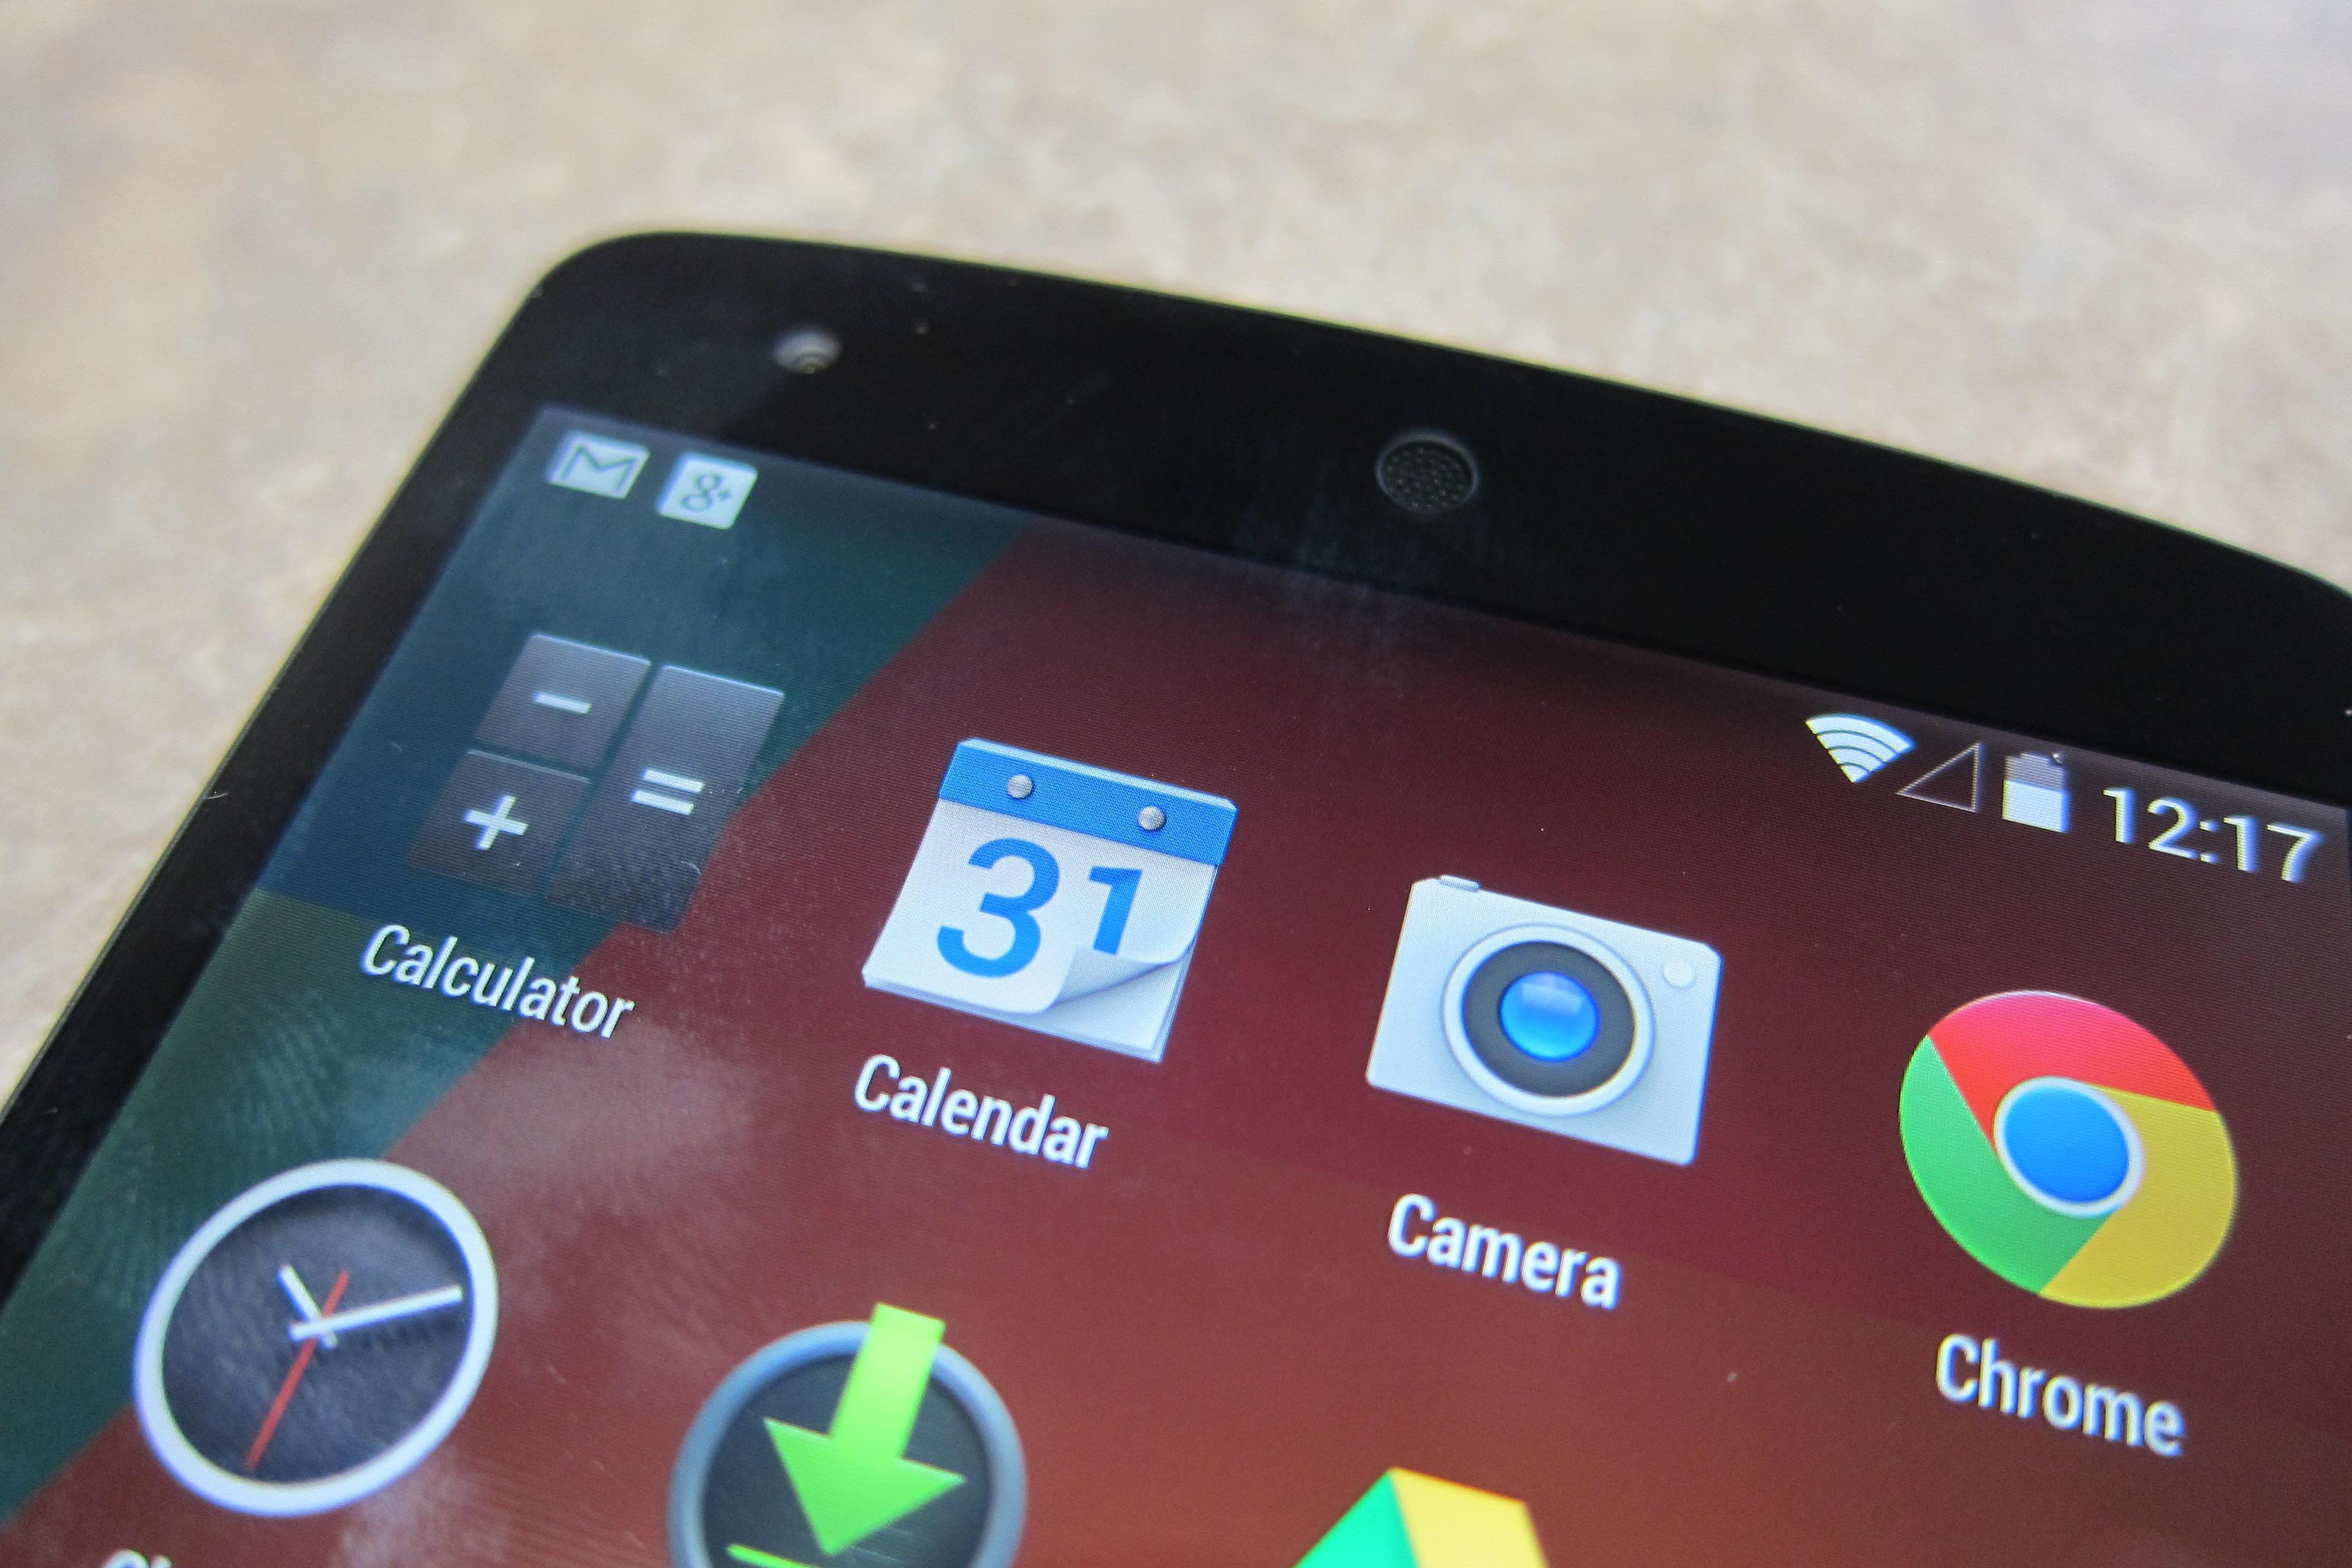 Nexus 5 speaker and sensor